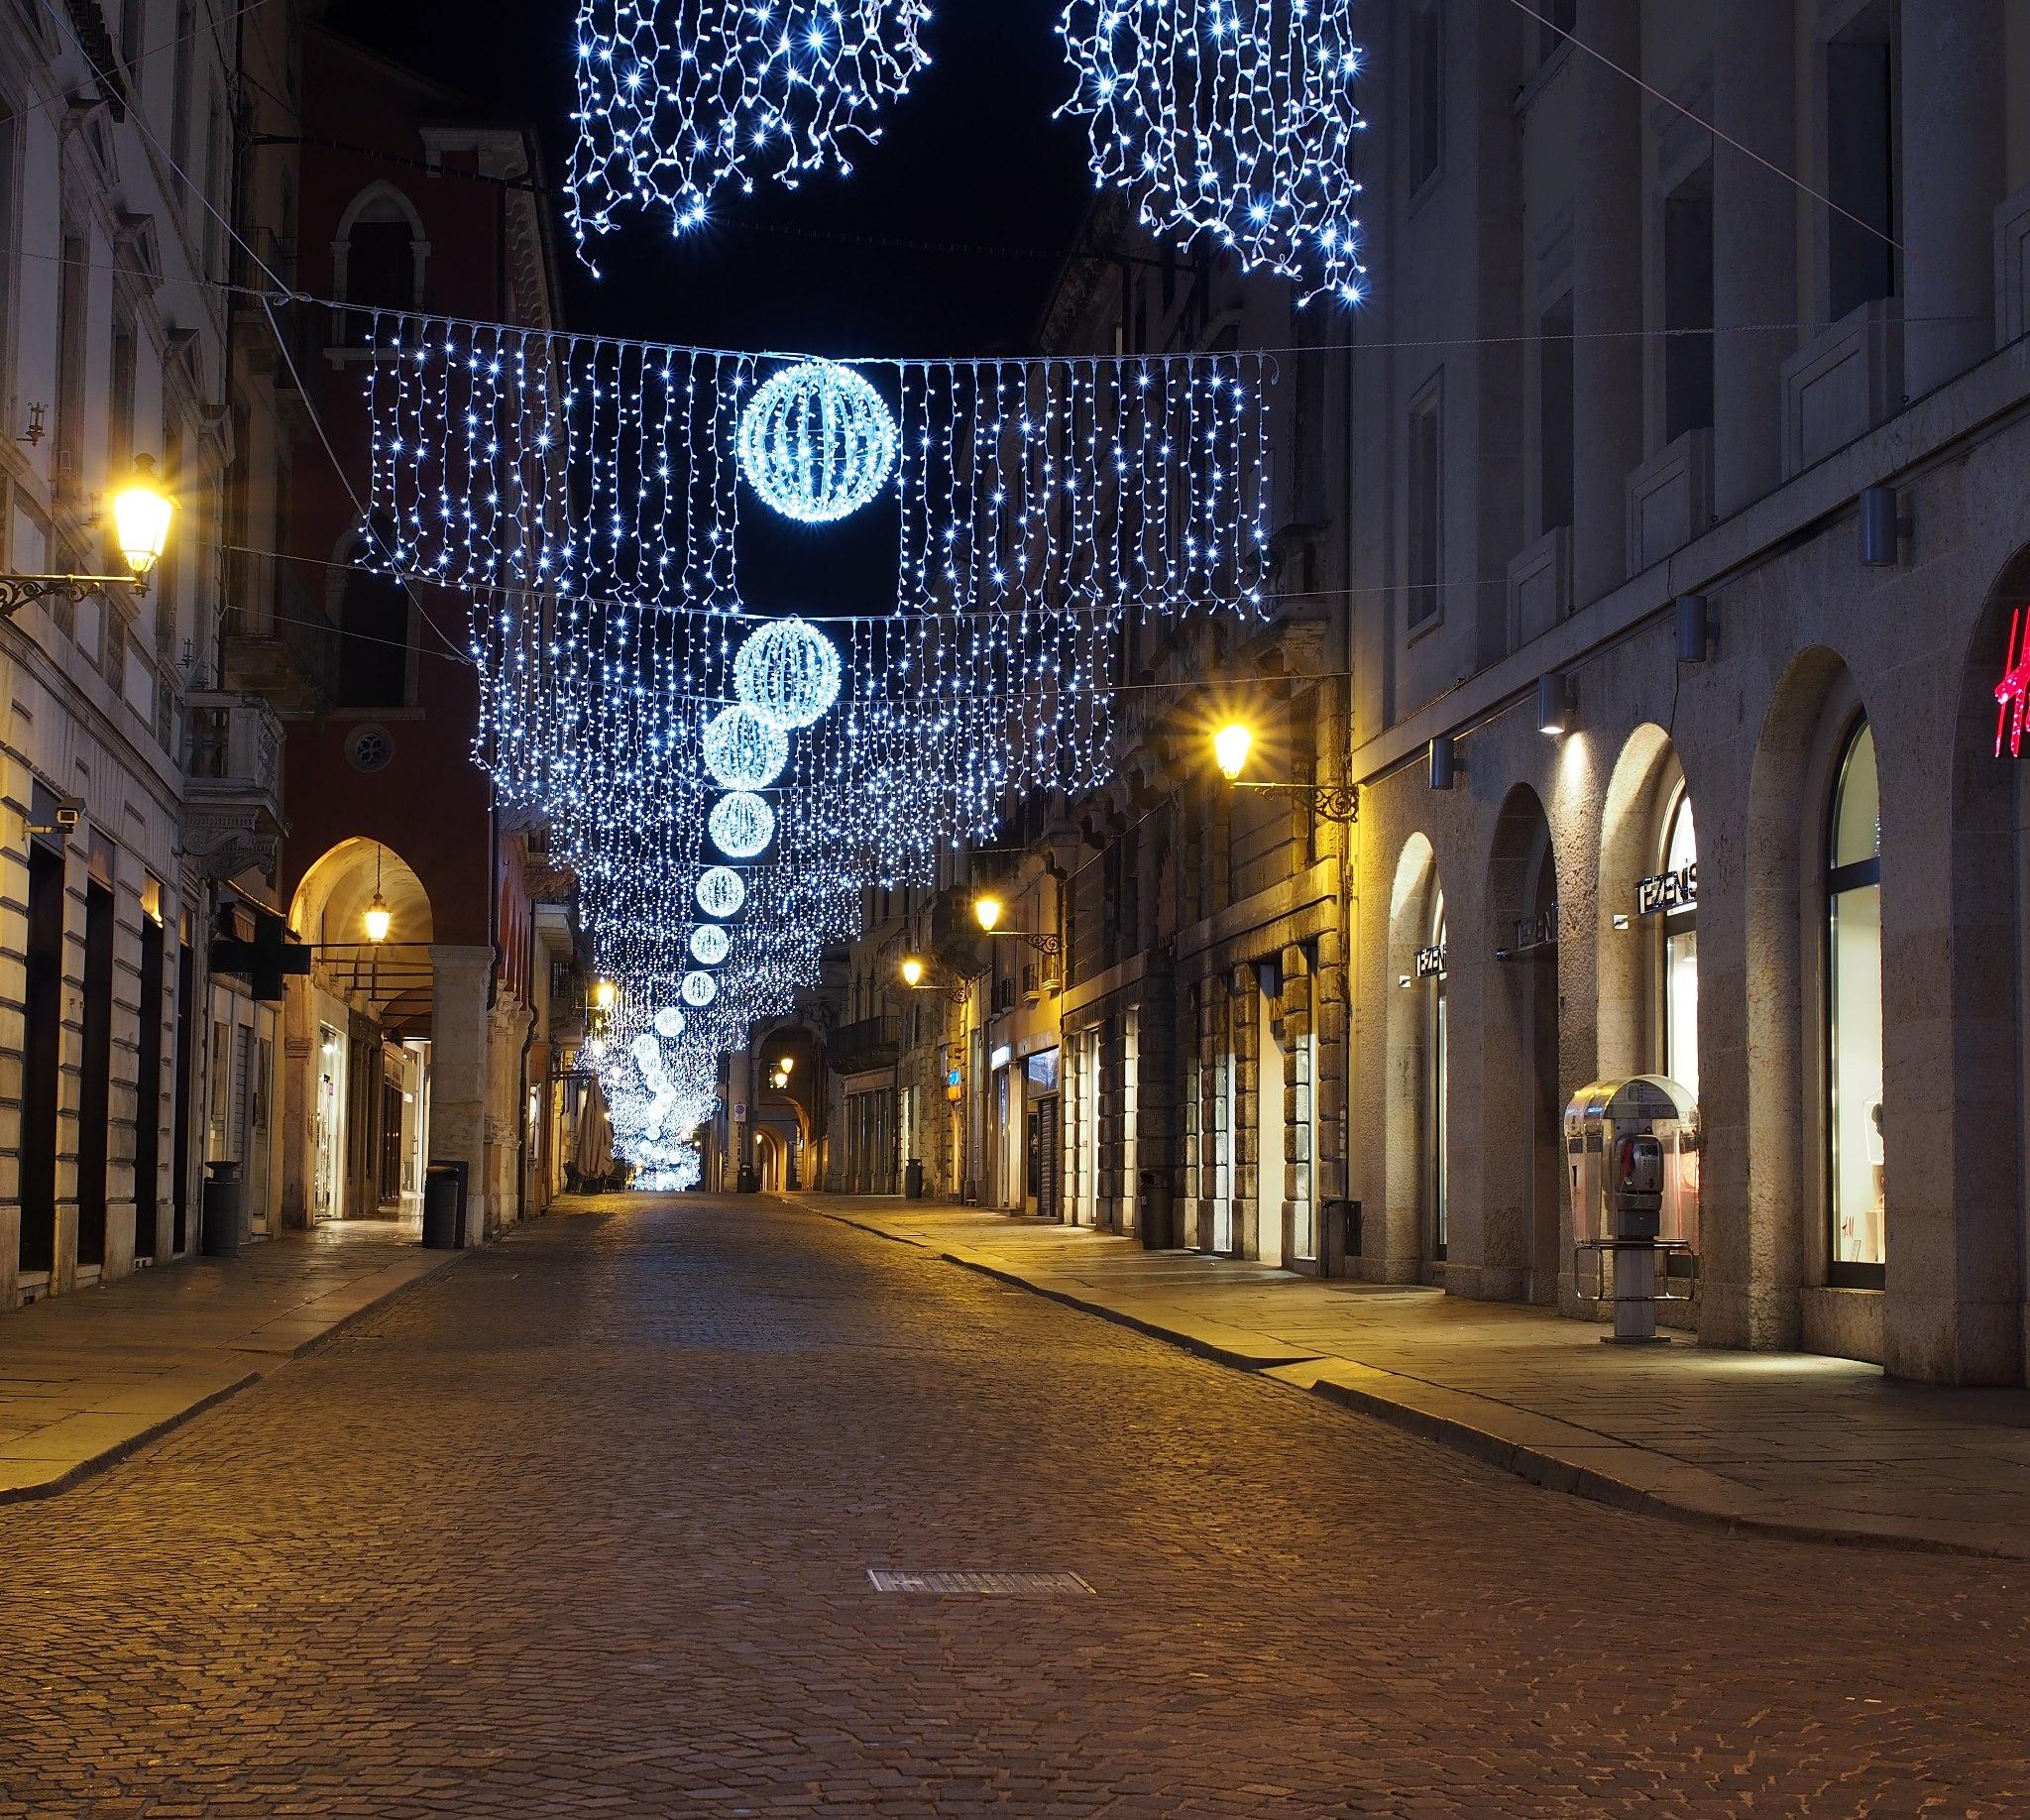 Natale a Vicenza (Corso Palladio)